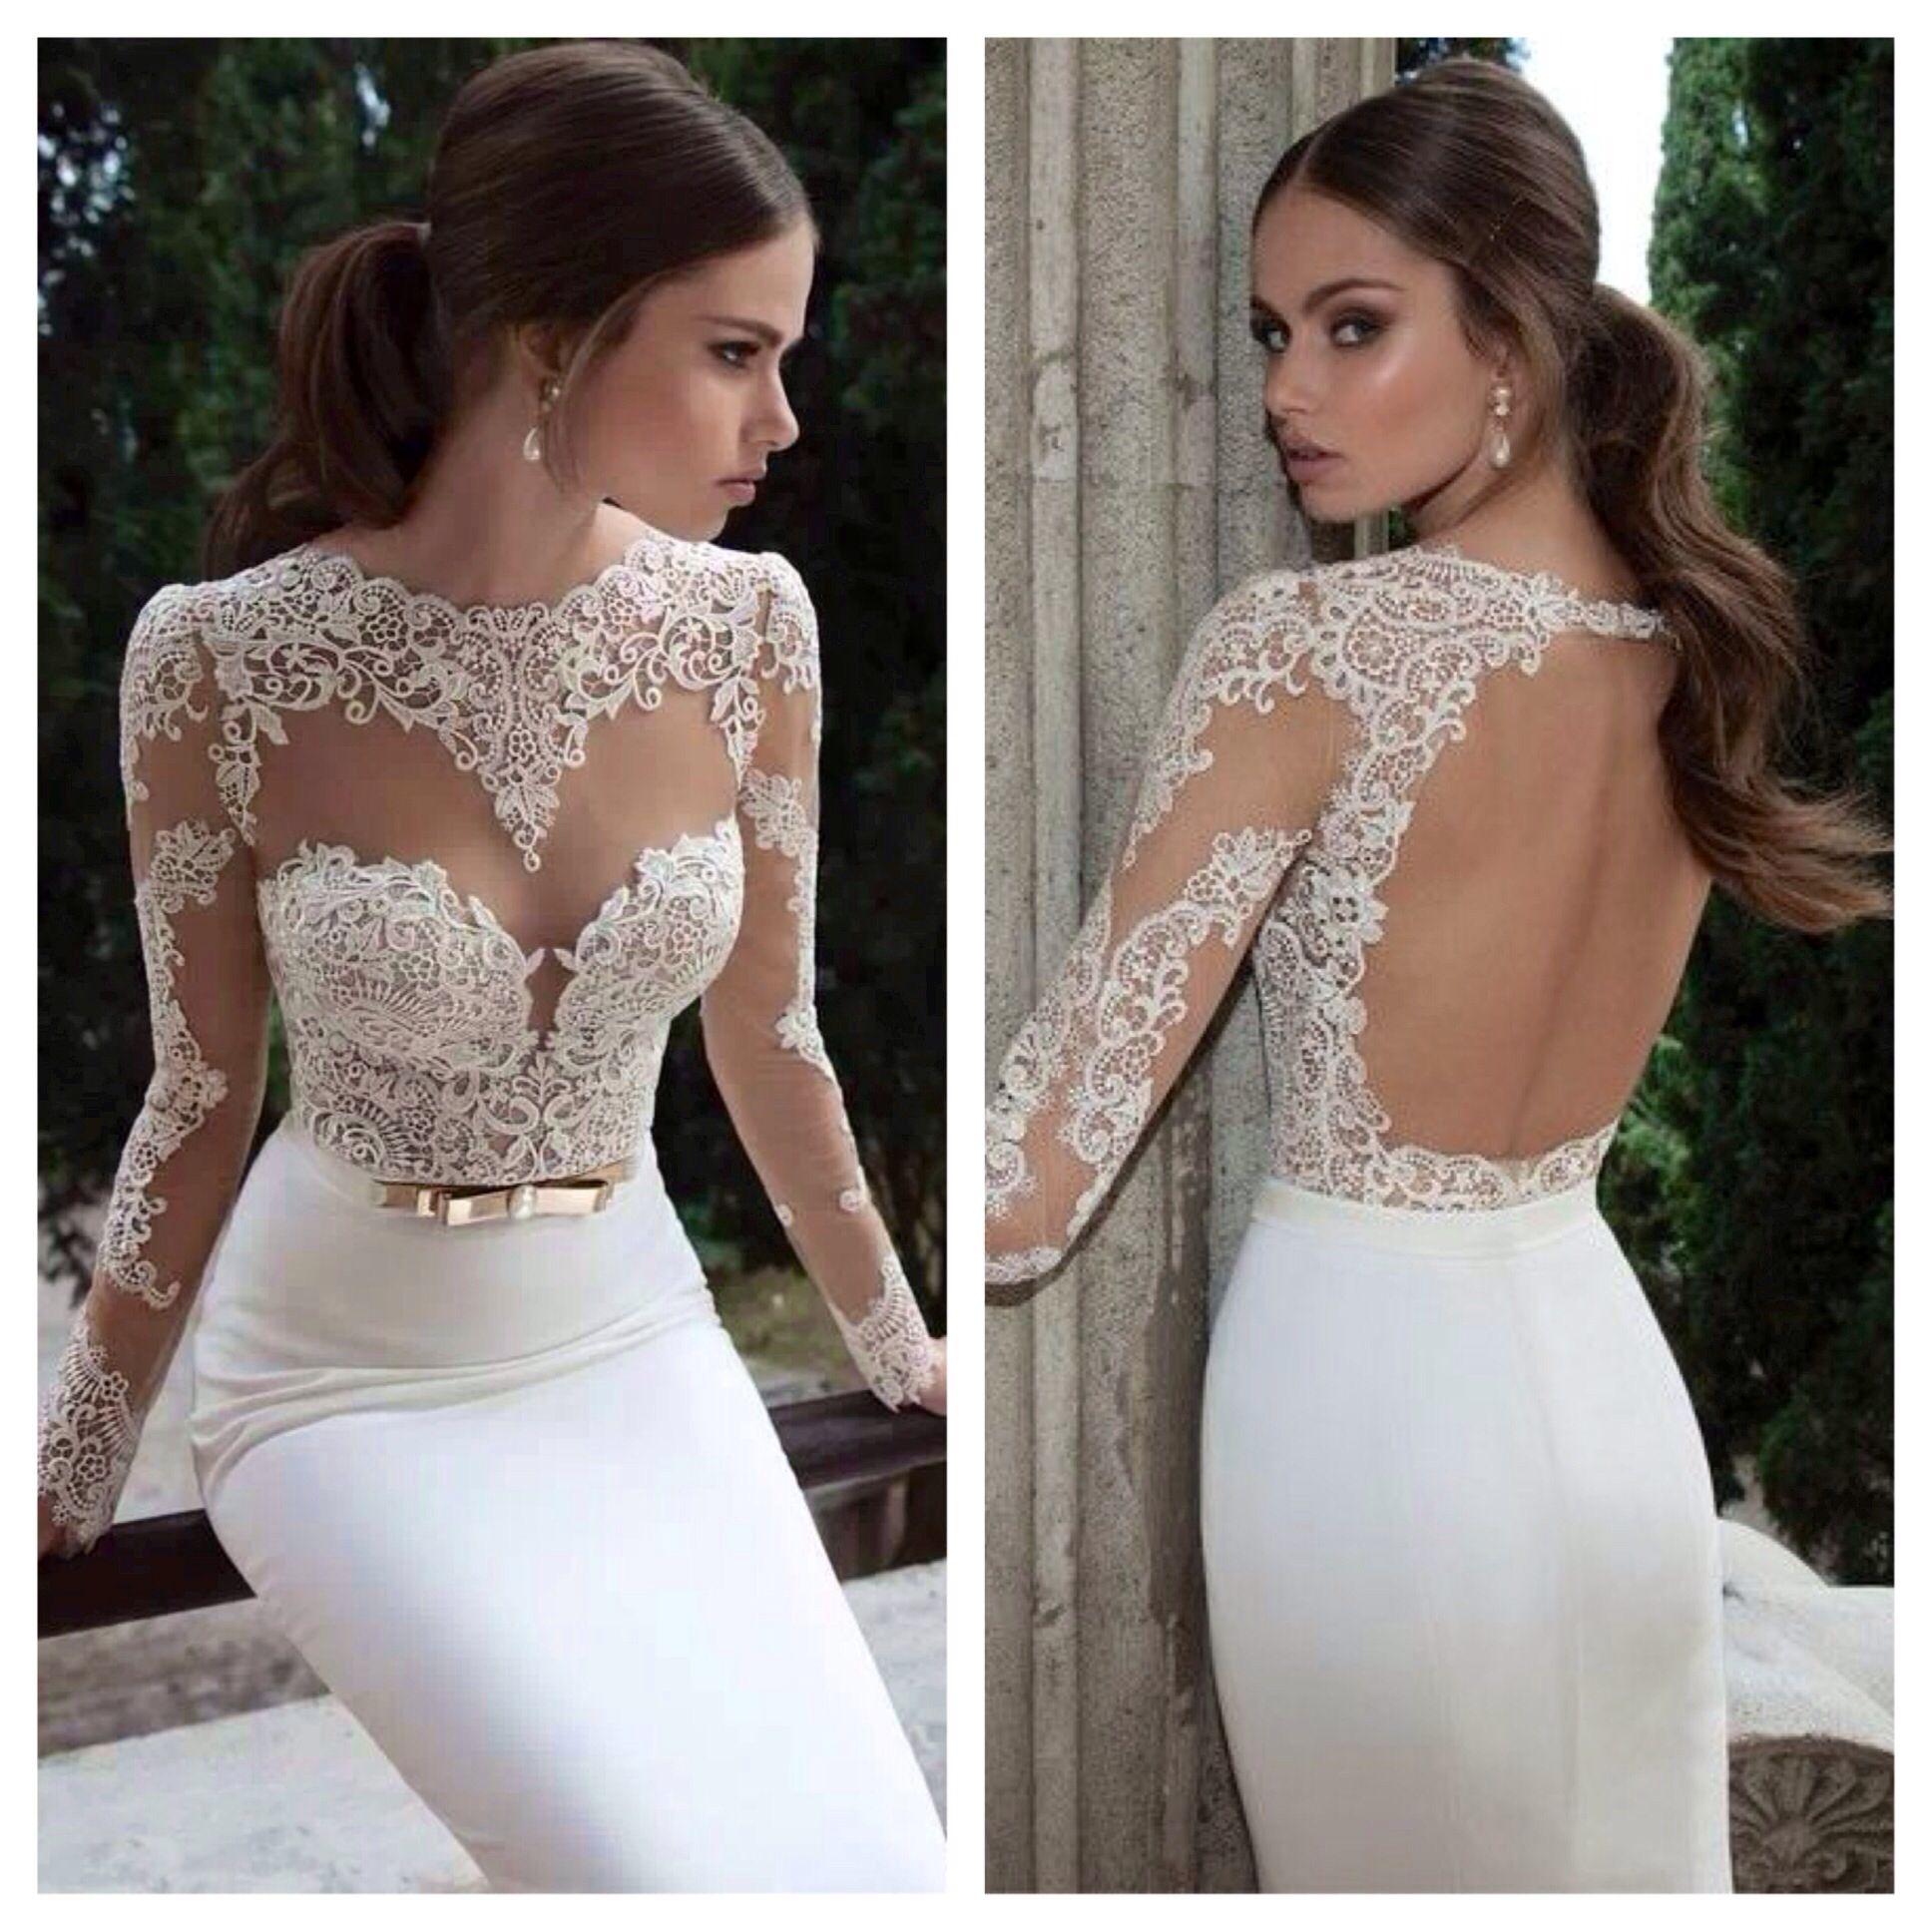 Dream dress Berta can do no wrong Wedding gowns